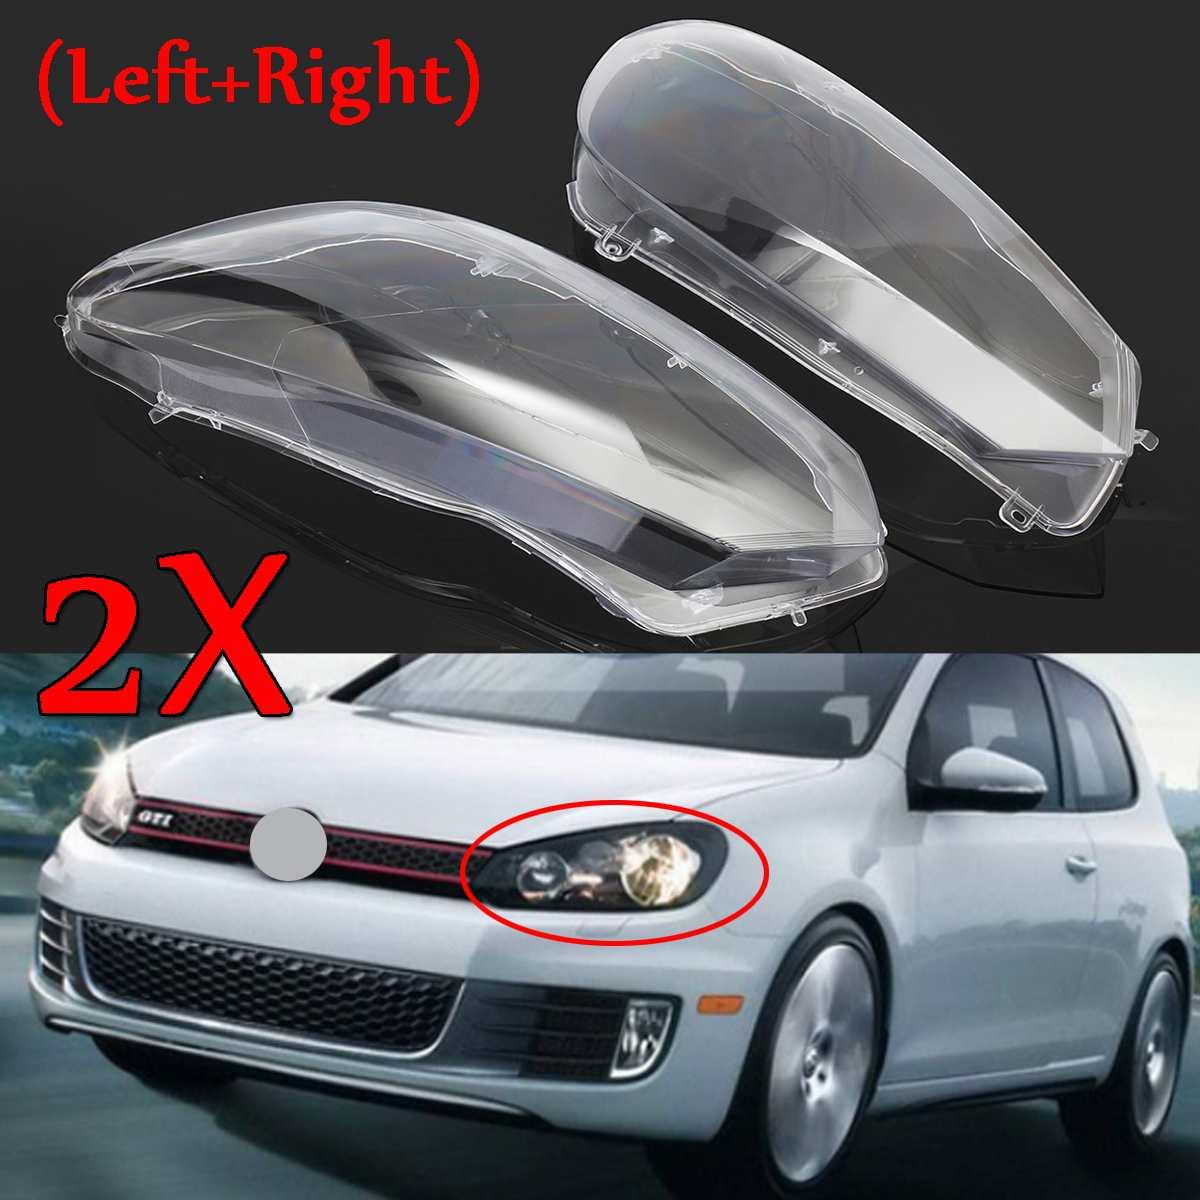 2Pcs Car Front Headlight Headlamp Lens Cover Lenses Dust Cover Shell Plastic For VW For Volkswagen Golf 6 MK6 GTI R 2010-2014